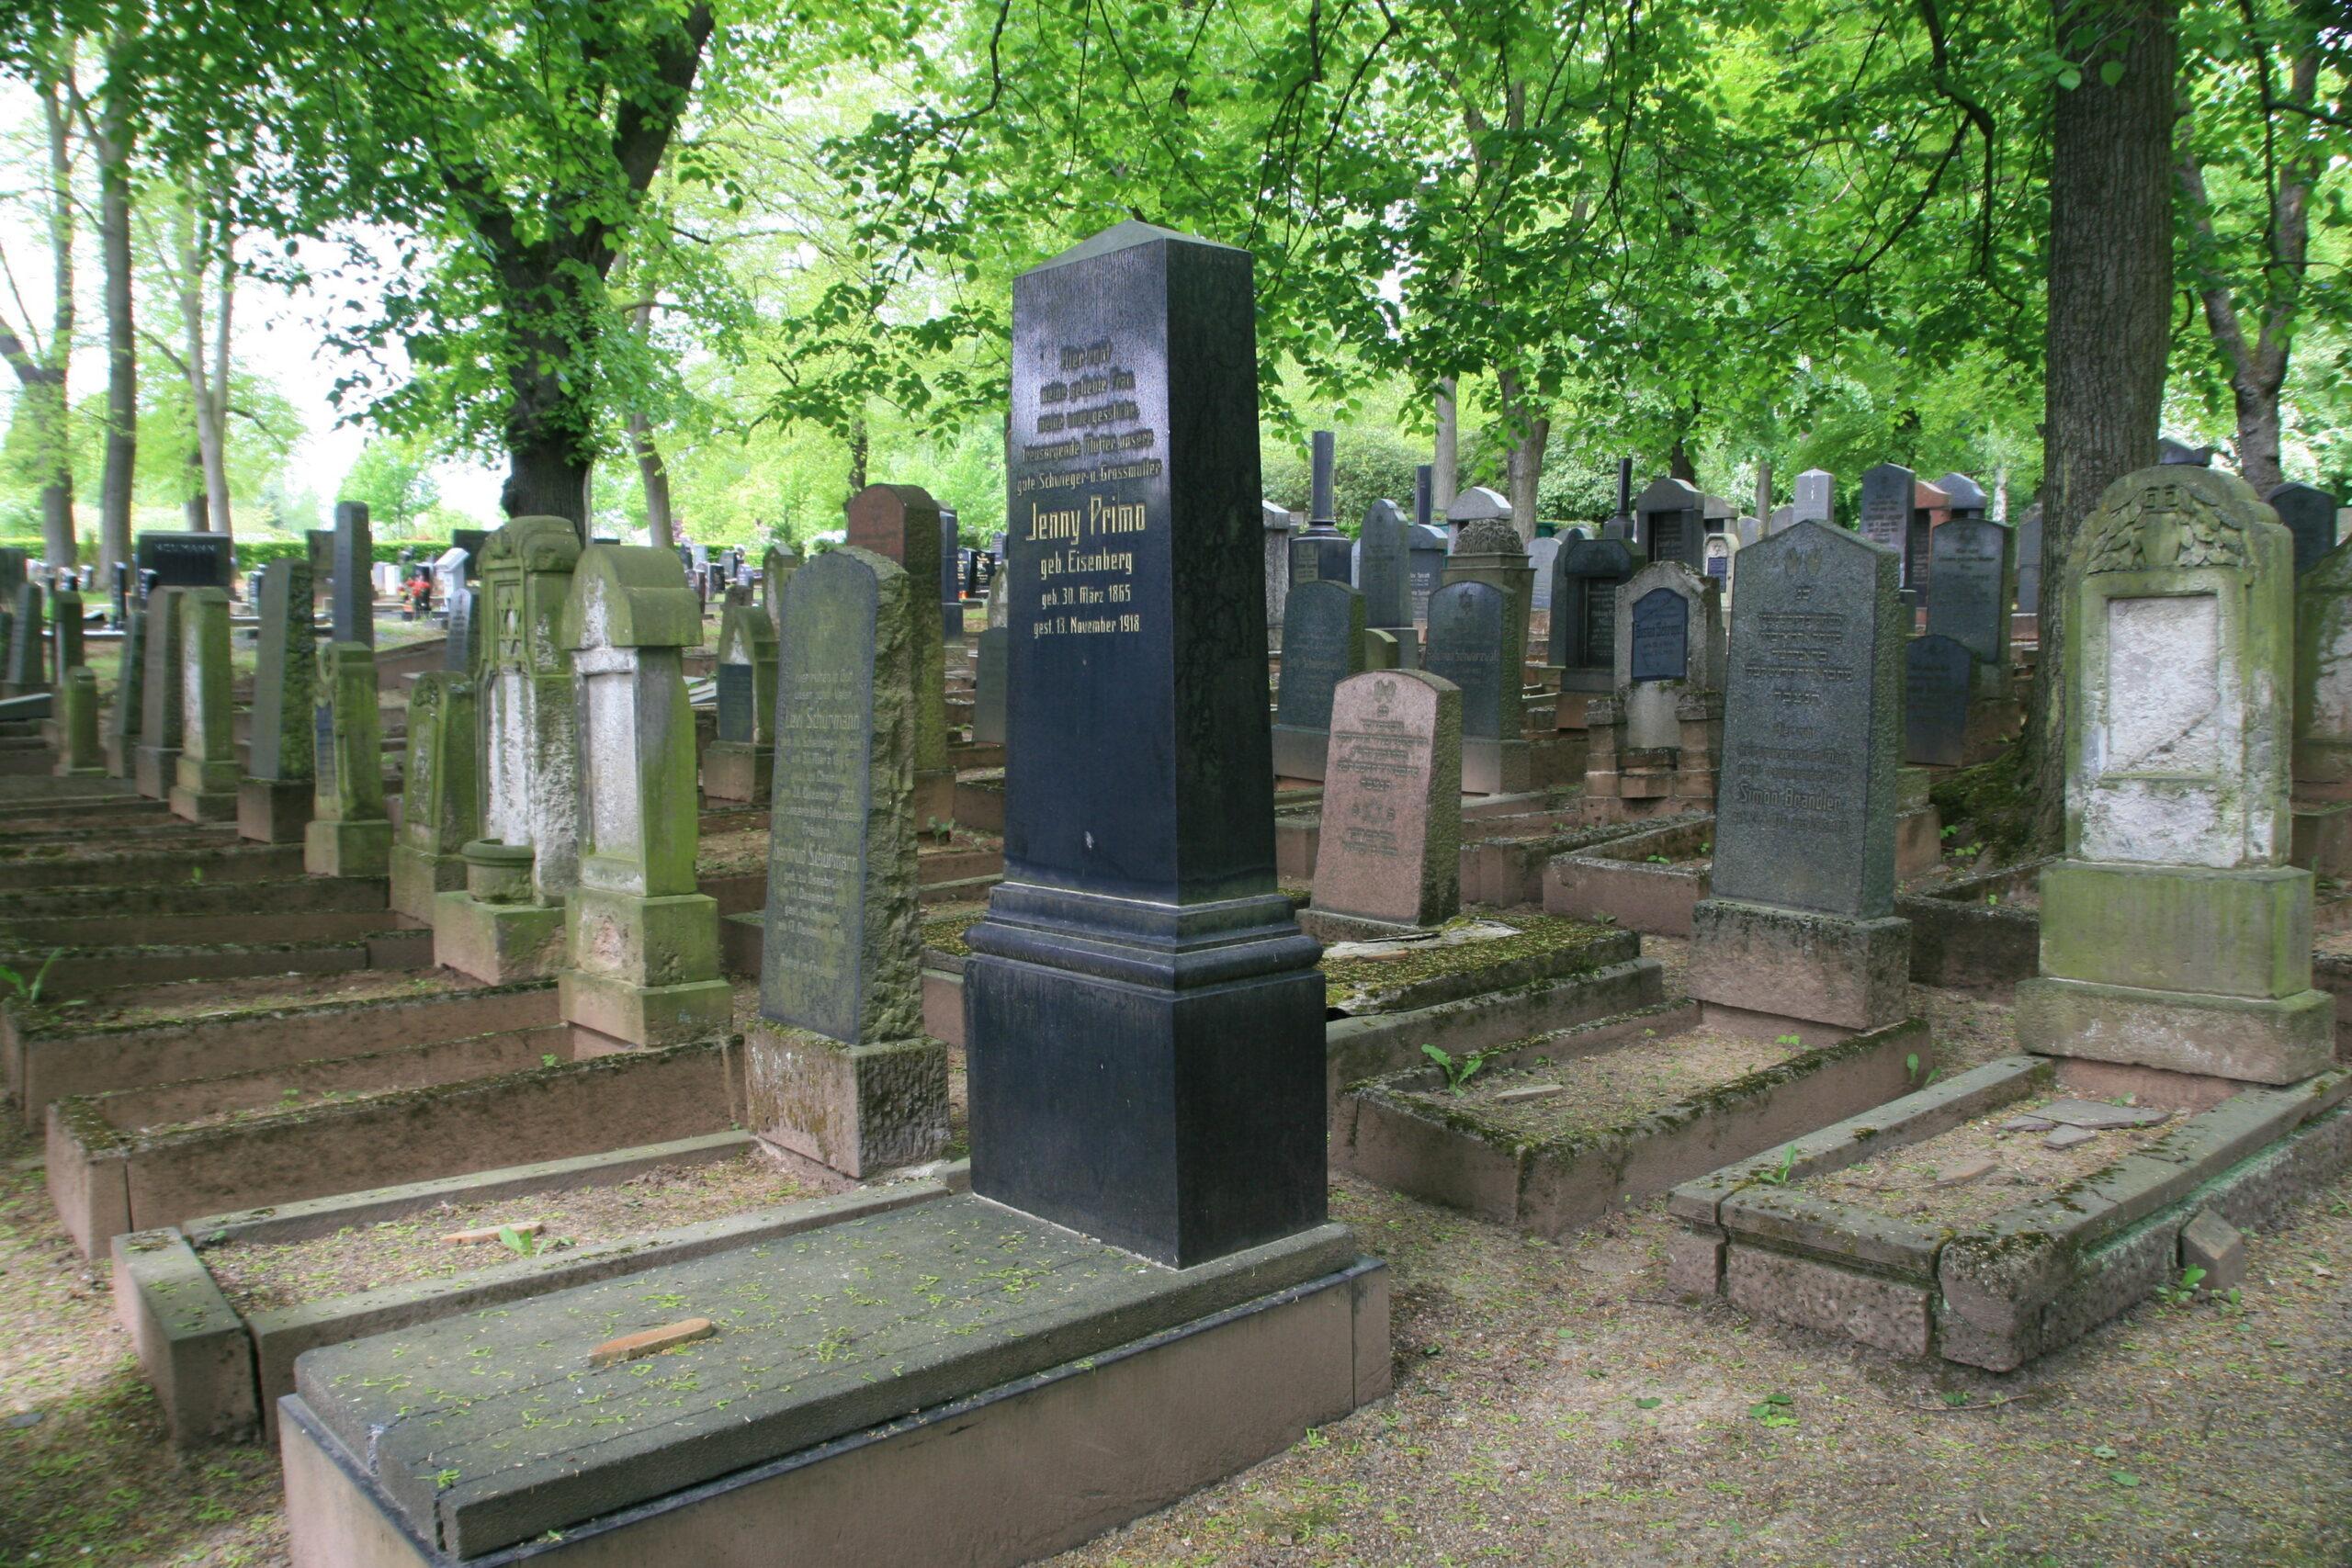 Juedischer_Friedhof_2021_6